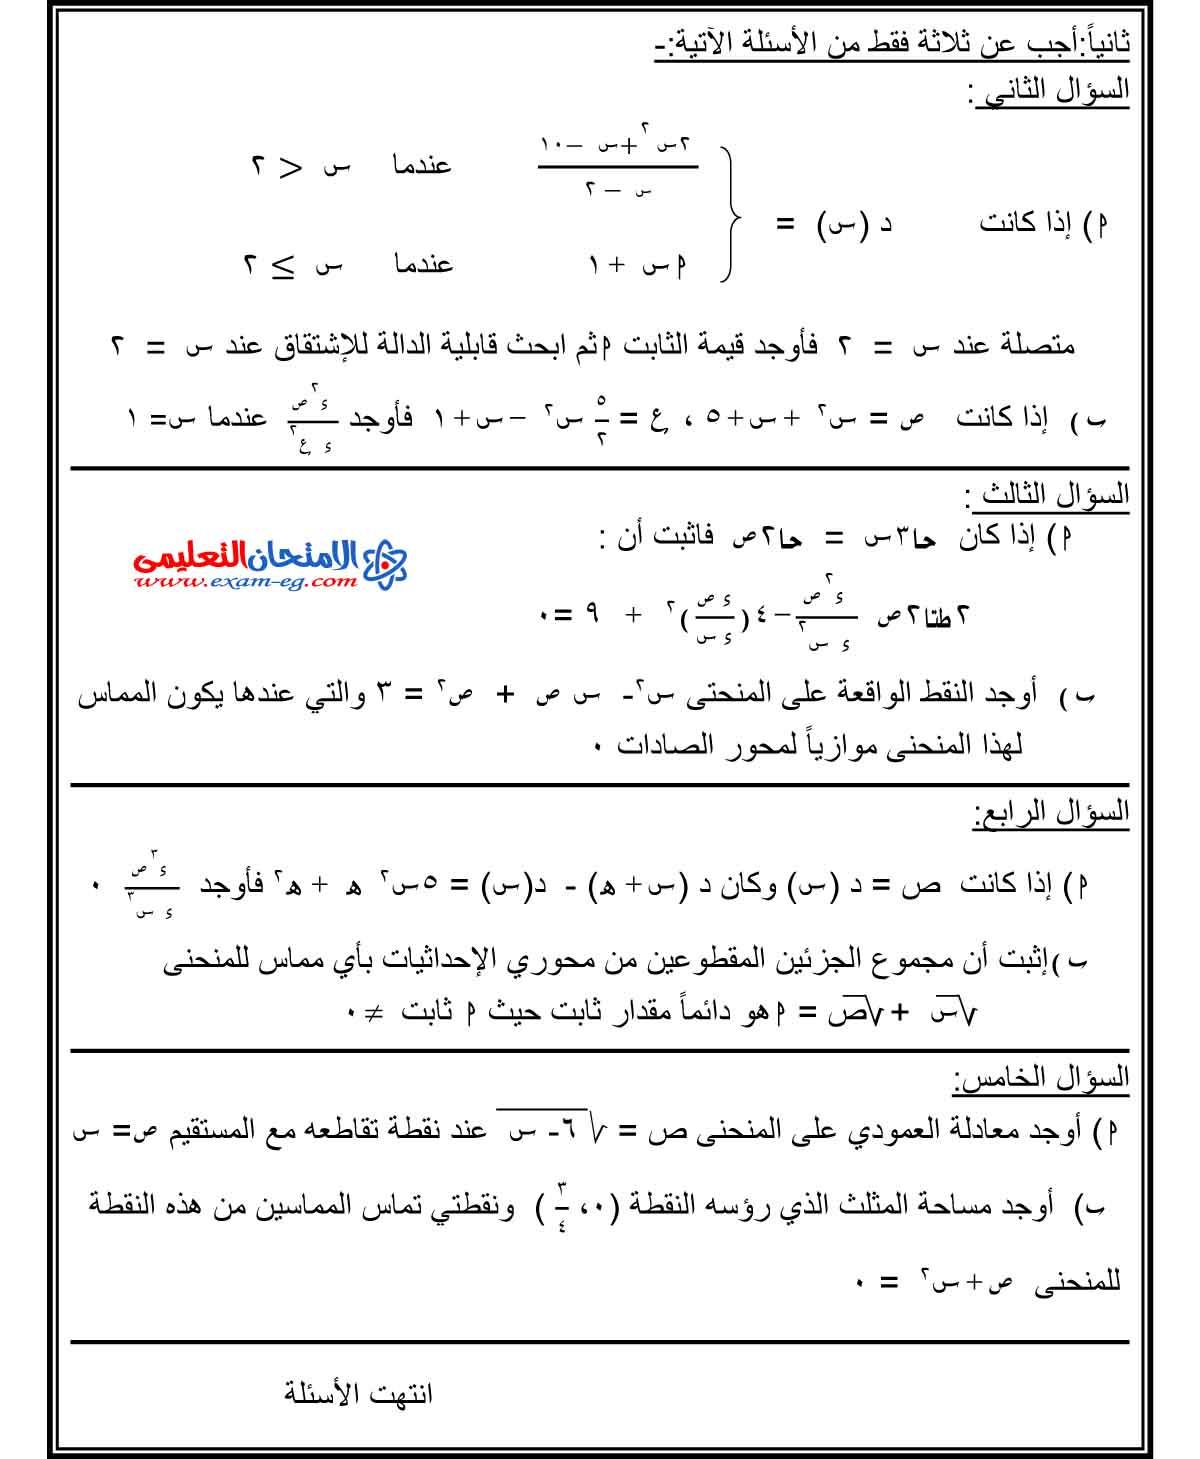 تفاضل وتكامل 1 - الامتحان التعليمى-2